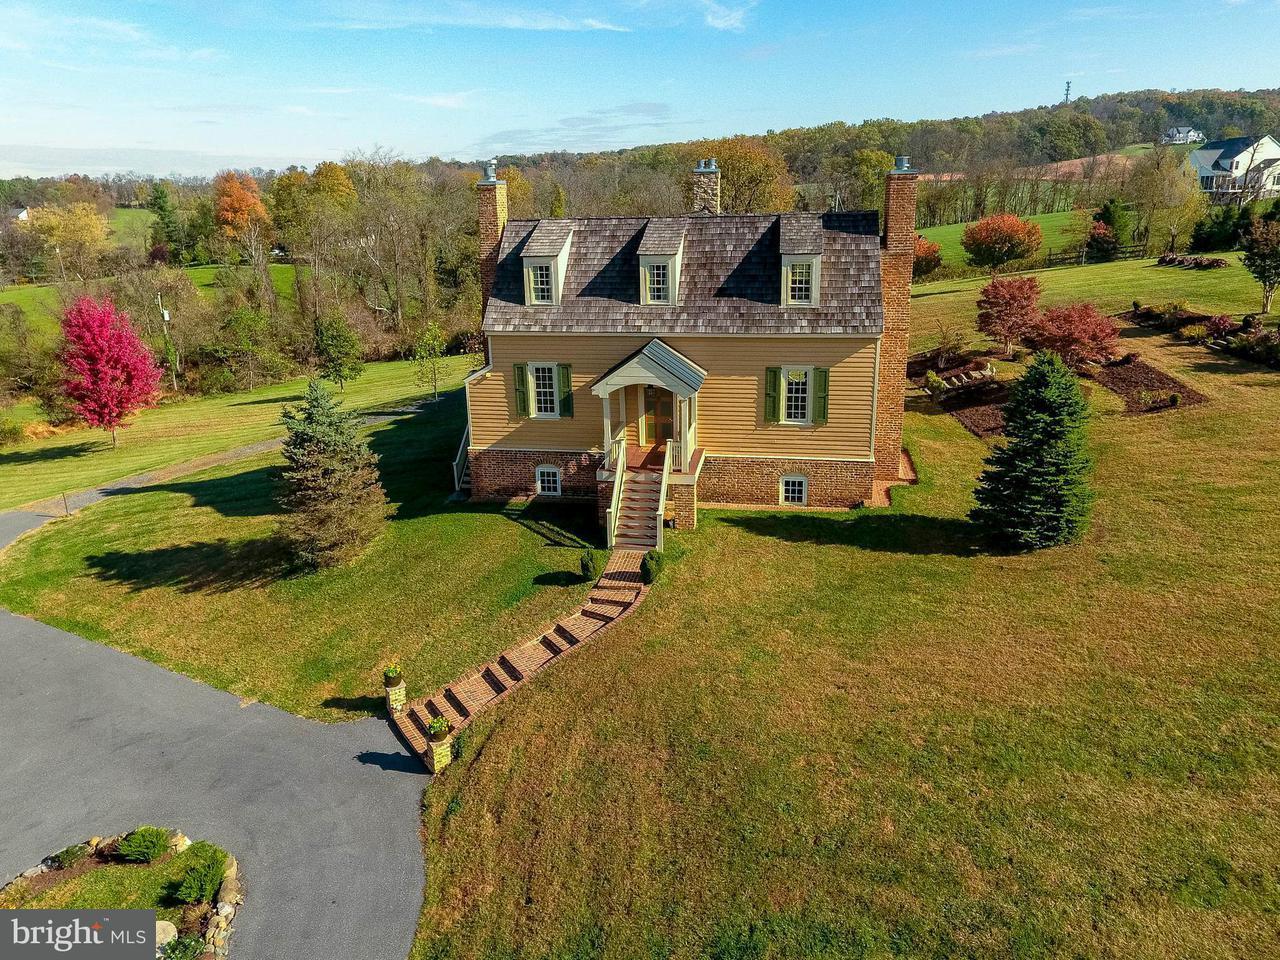 独户住宅 为 销售 在 15826 Old Waterford Road 15826 Old Waterford Road Paeonian Springs, 弗吉尼亚州 20129 美国